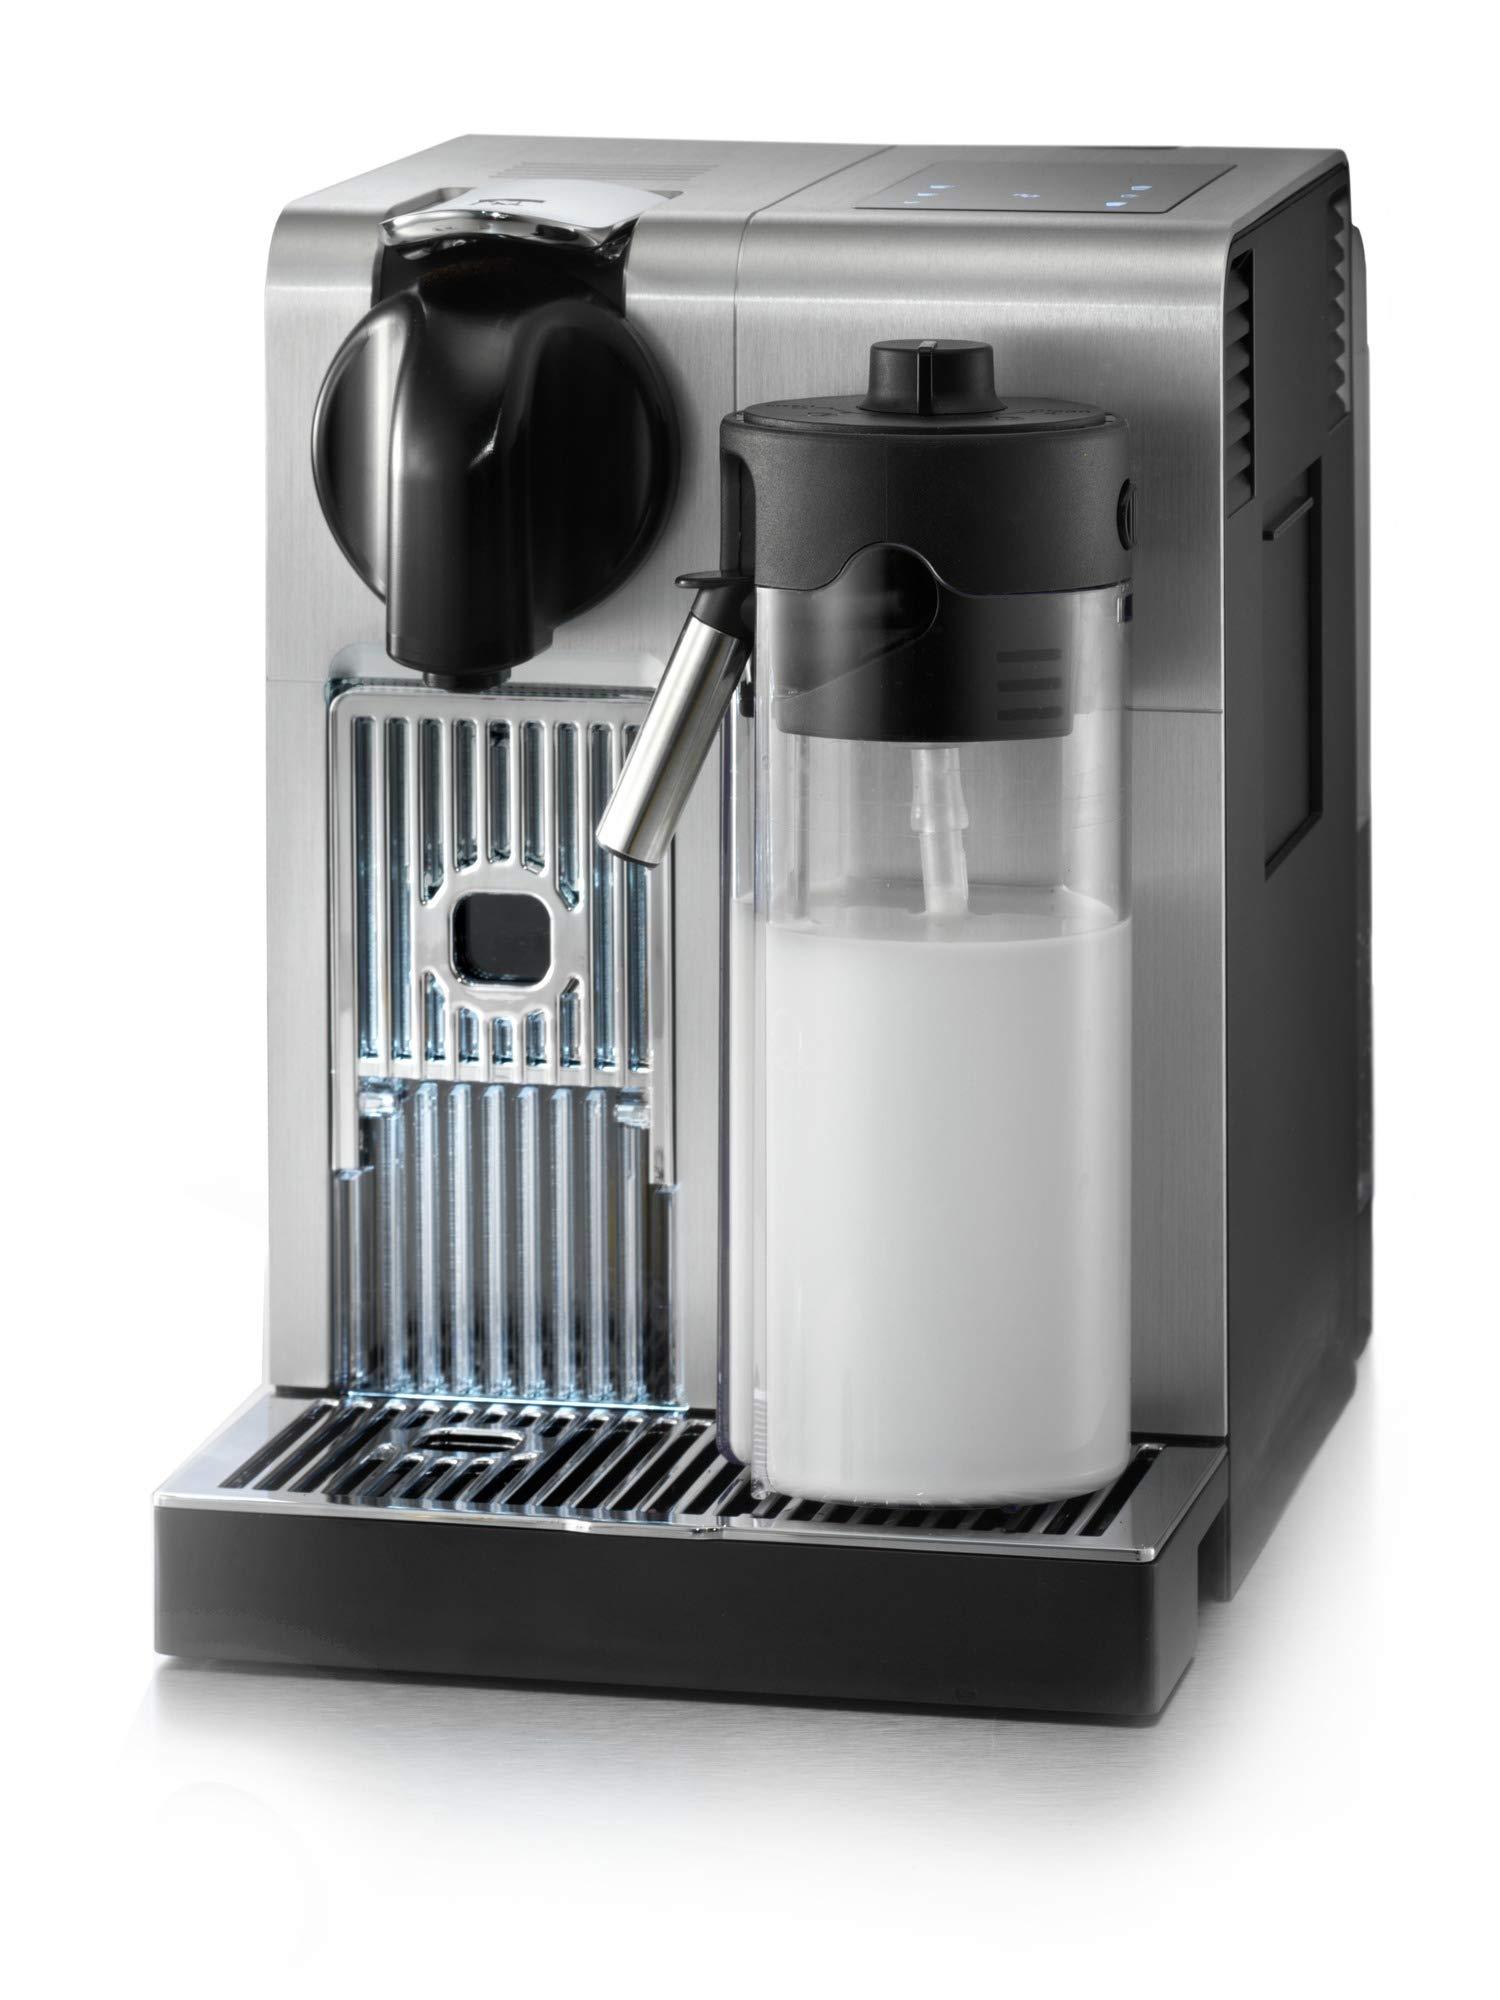 DeLonghi-Nespresso-EN-750MB-Lattissima-Pro-1400-Watt-Silber